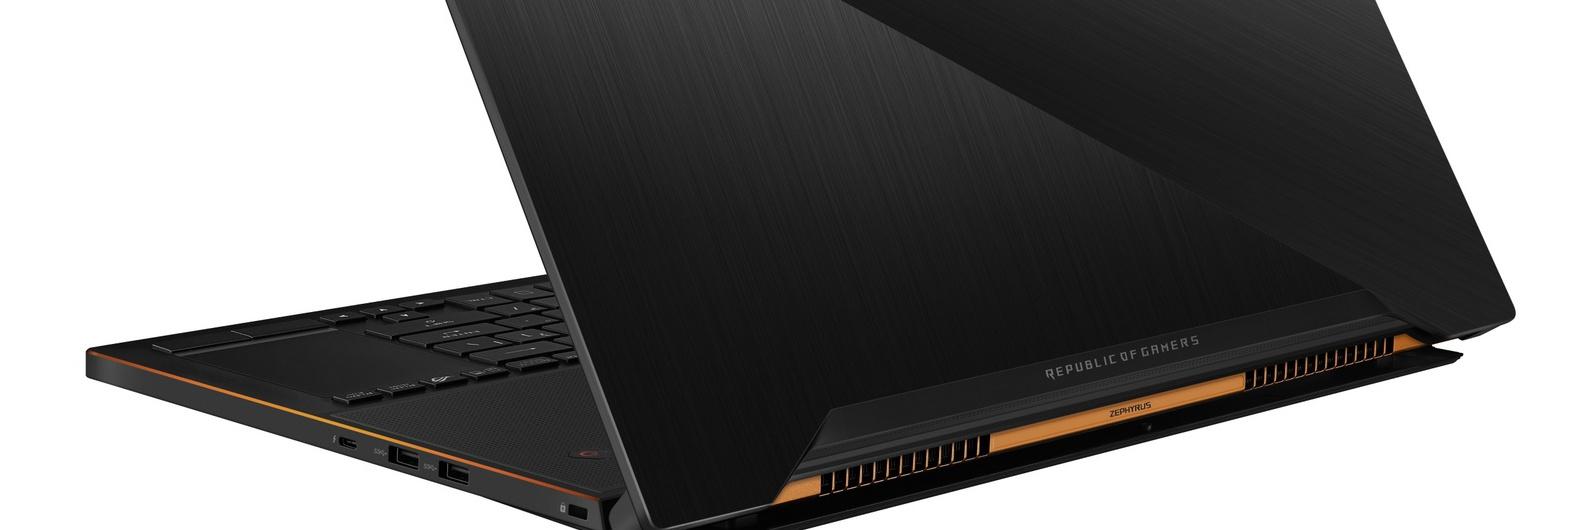 Chegou o ASUS Zephyrus, anunciado como o portátil de gaming mais fino do mundo